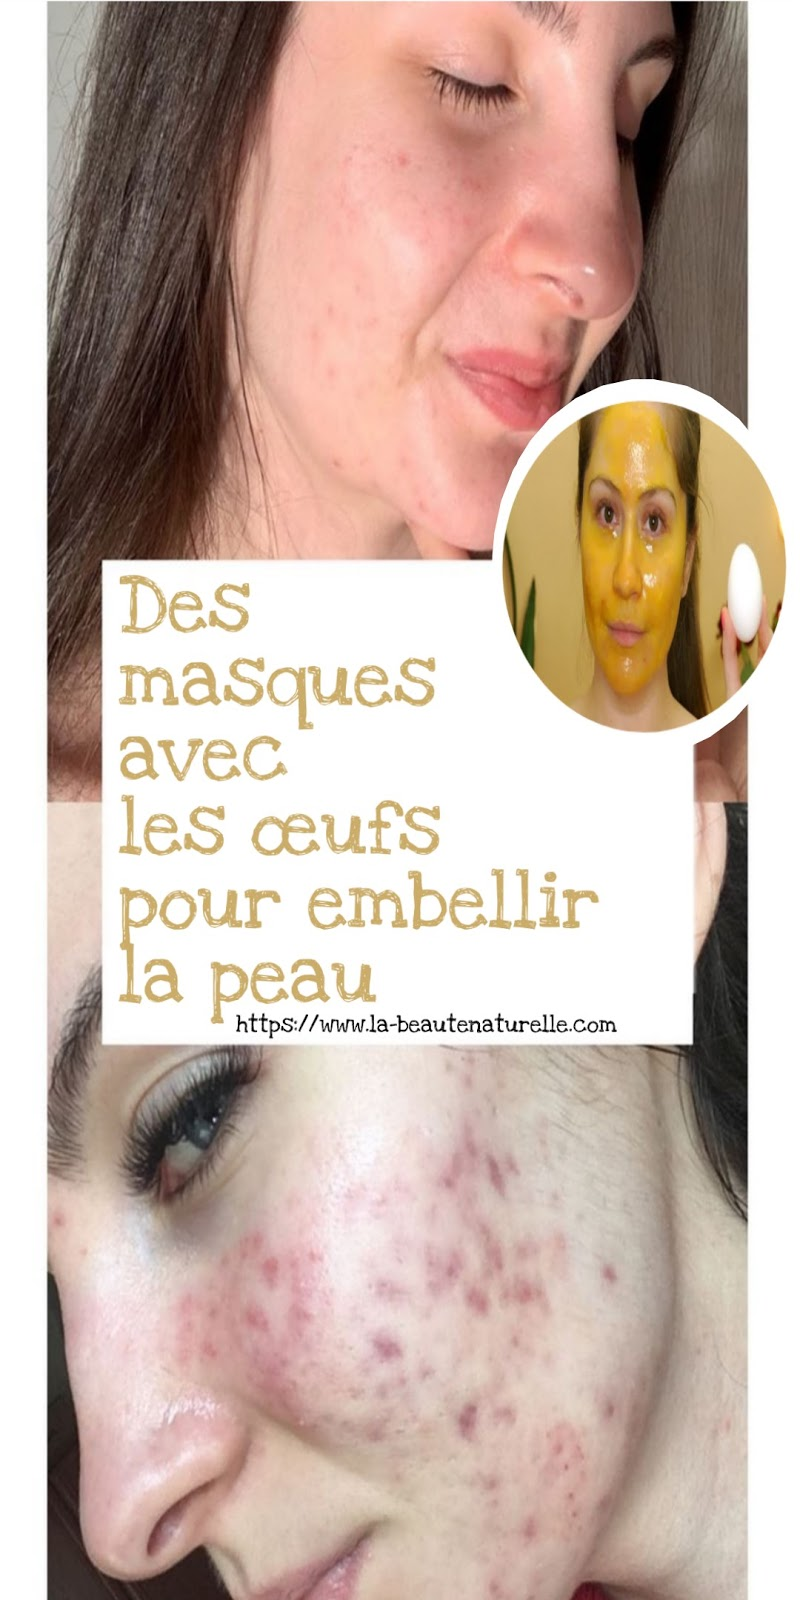 Des masques avec les œufs pour embellir la peau